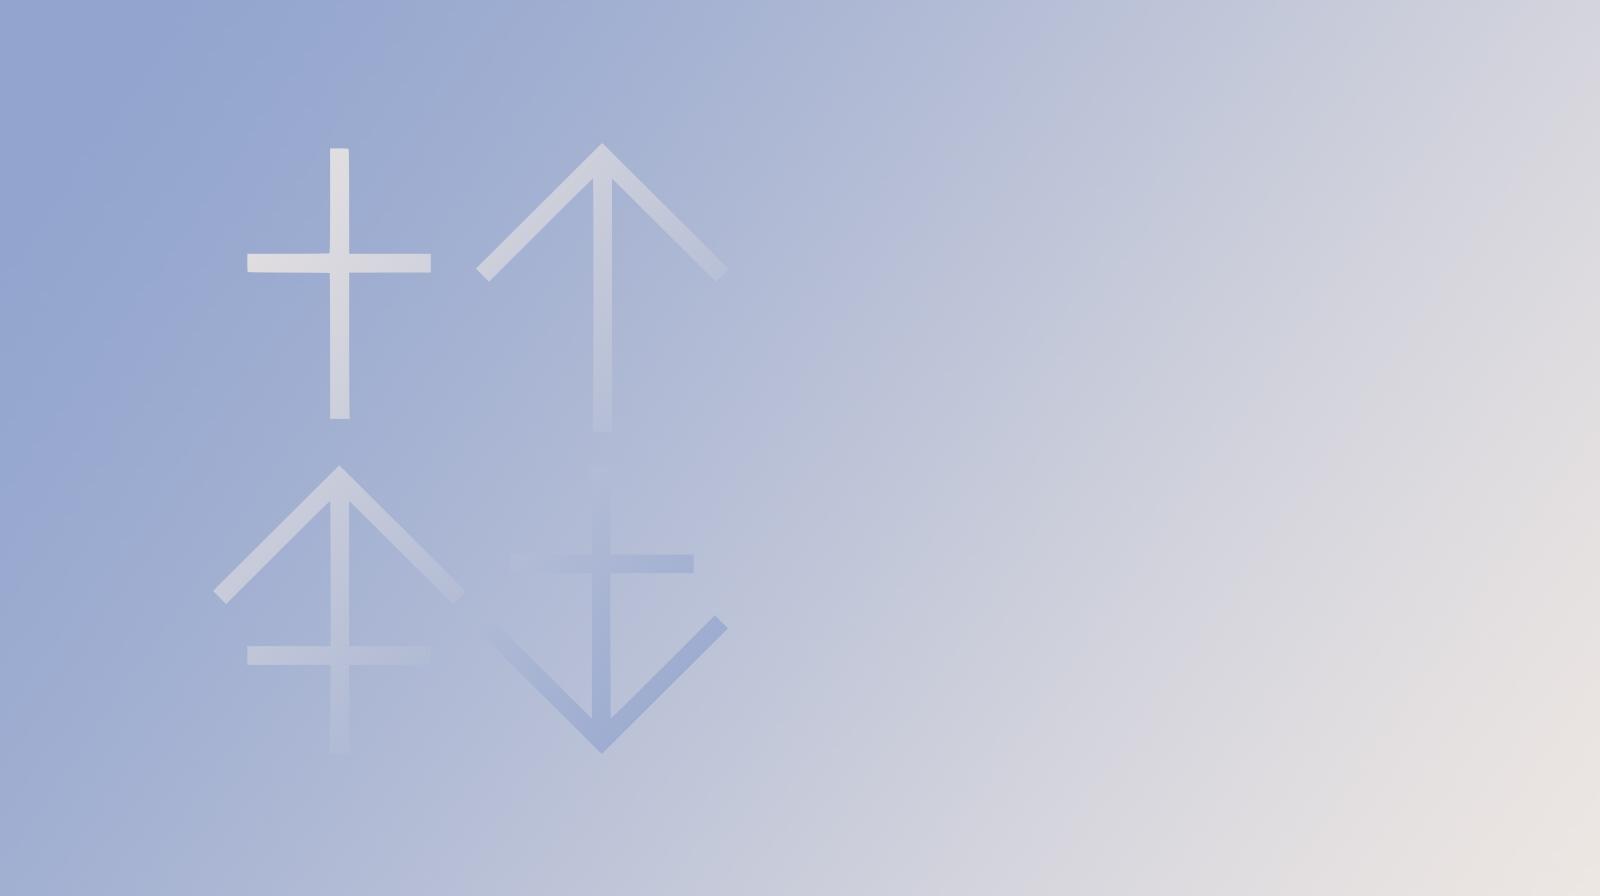 Qual o impacto da informação de gênero no acesso a crédito no Brasil? - A lei brasileira coloca gênero como uma informação disponível para a formação de credit score. Avanços de aplicações de IA podem reforçar e sistematizar esse nosso viés cultural. Em parceria com a Em Perspectiva, queremos mudar isso!